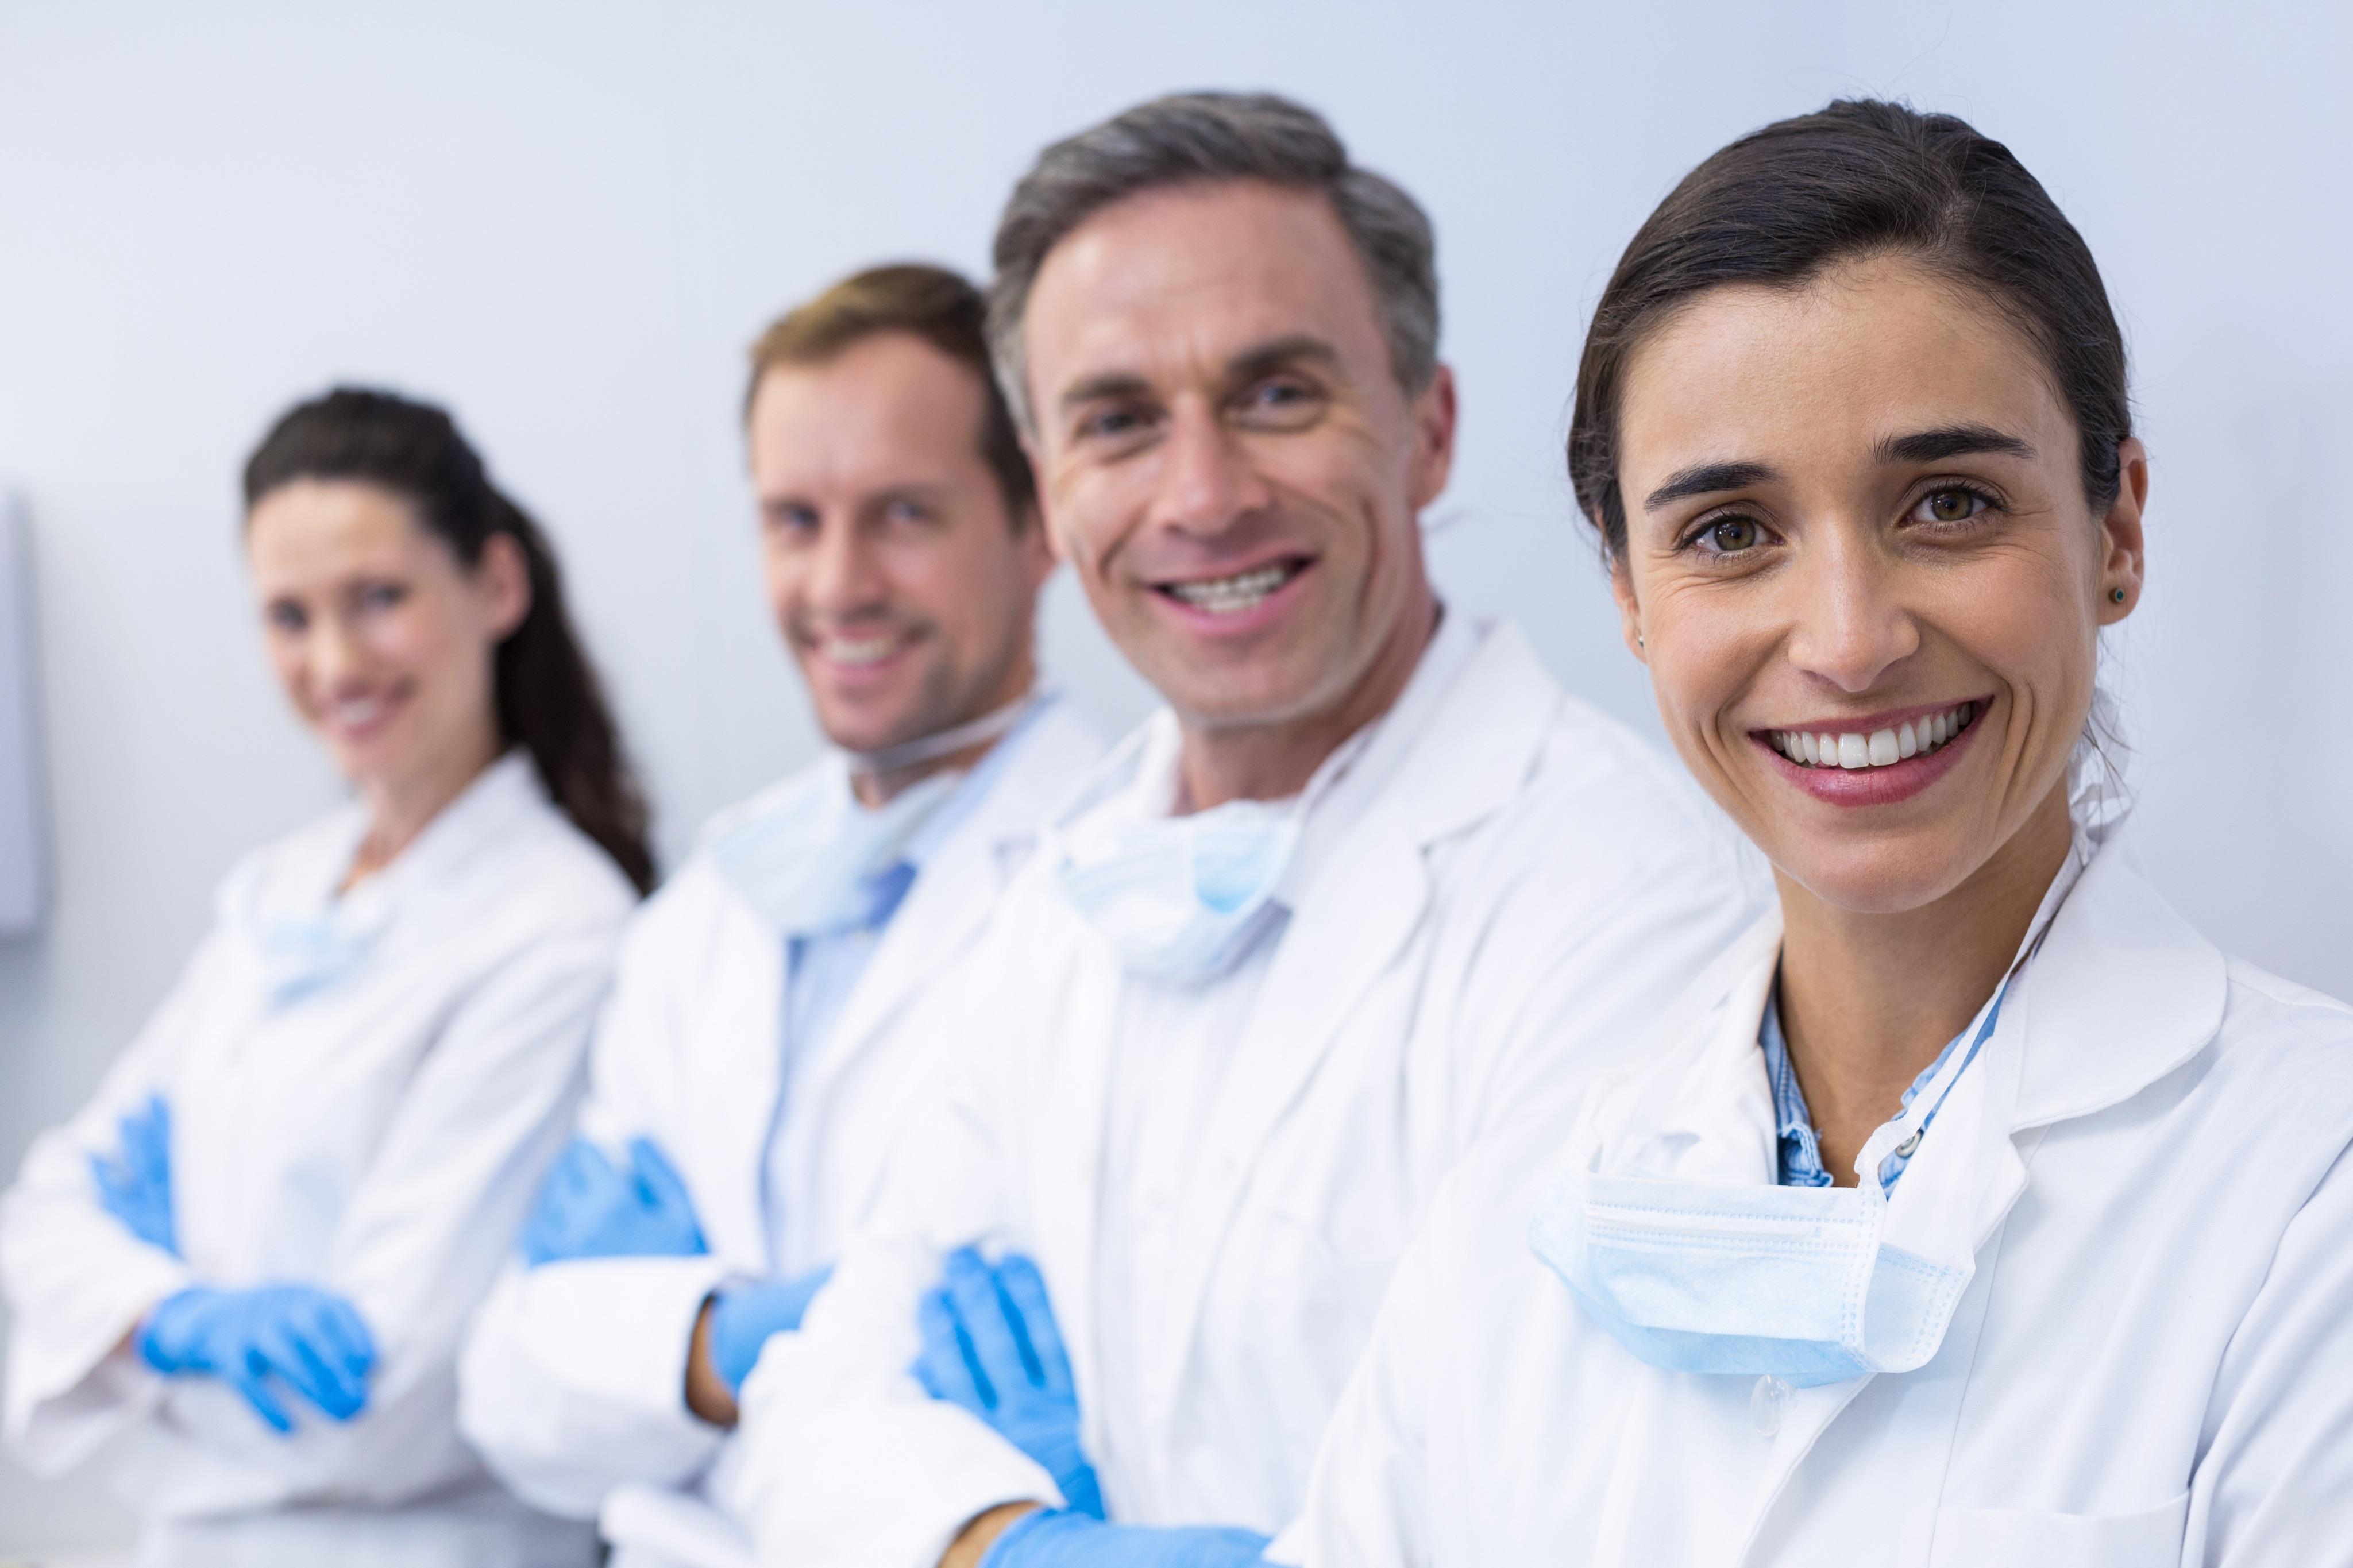 Un groupe de professionnel de santé